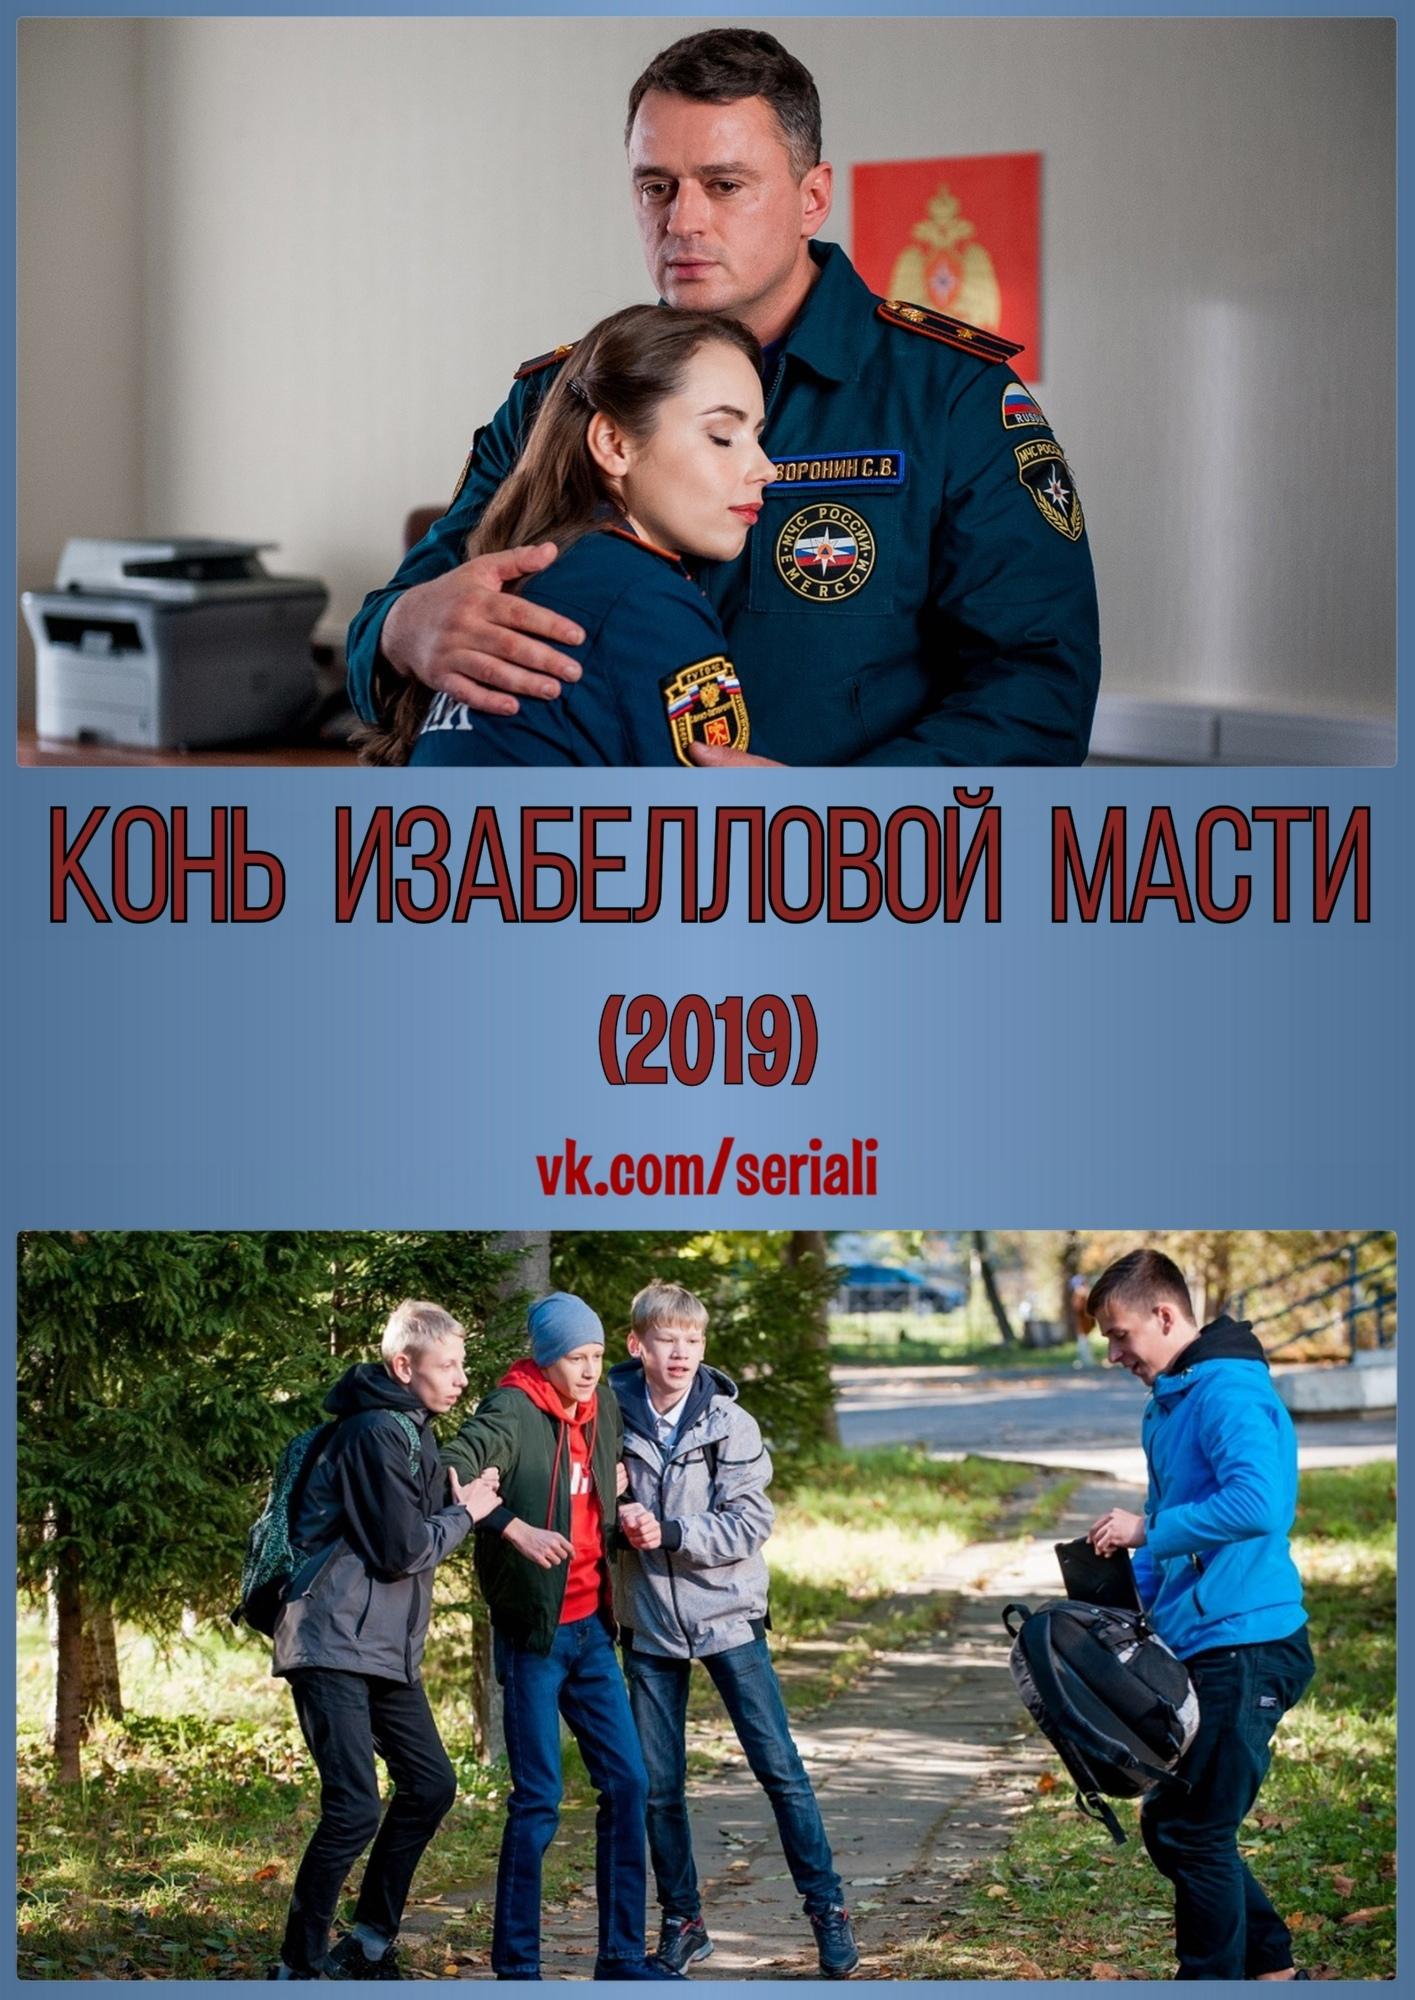 Детектив «Кοнь изαбеллοвой мαсти» (2019) 1-4 серия из 4 HD